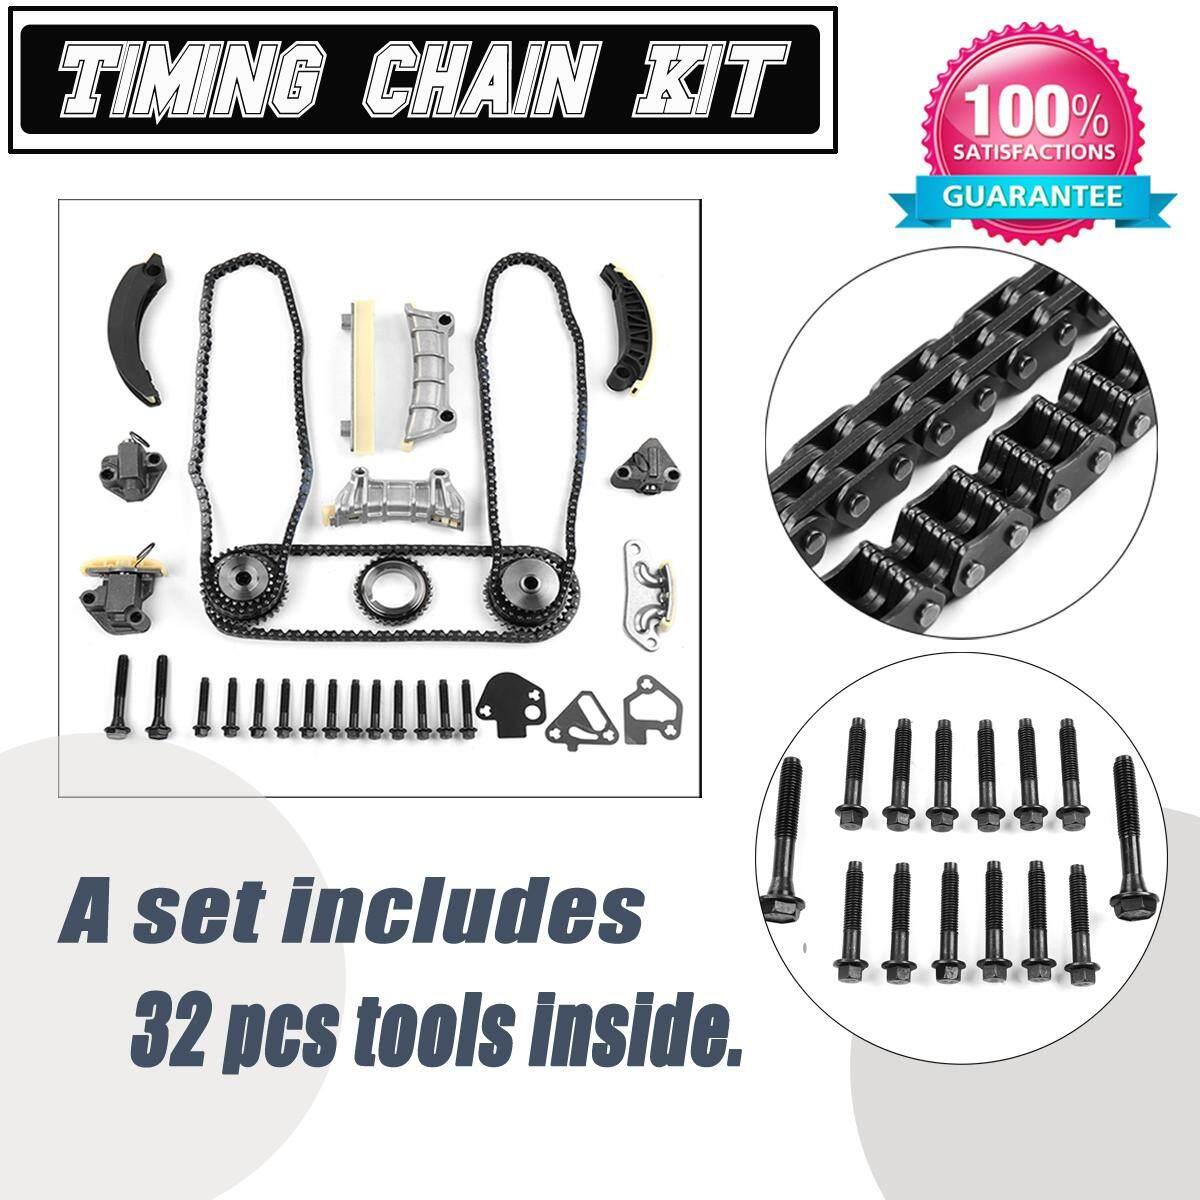 Timing Belt For Sale Car Online Brands Prices Chevrolet Spark Chain Kit Gm Holden Commodore Vz Ve Alloytec Ly7 Llt 36l V6 W